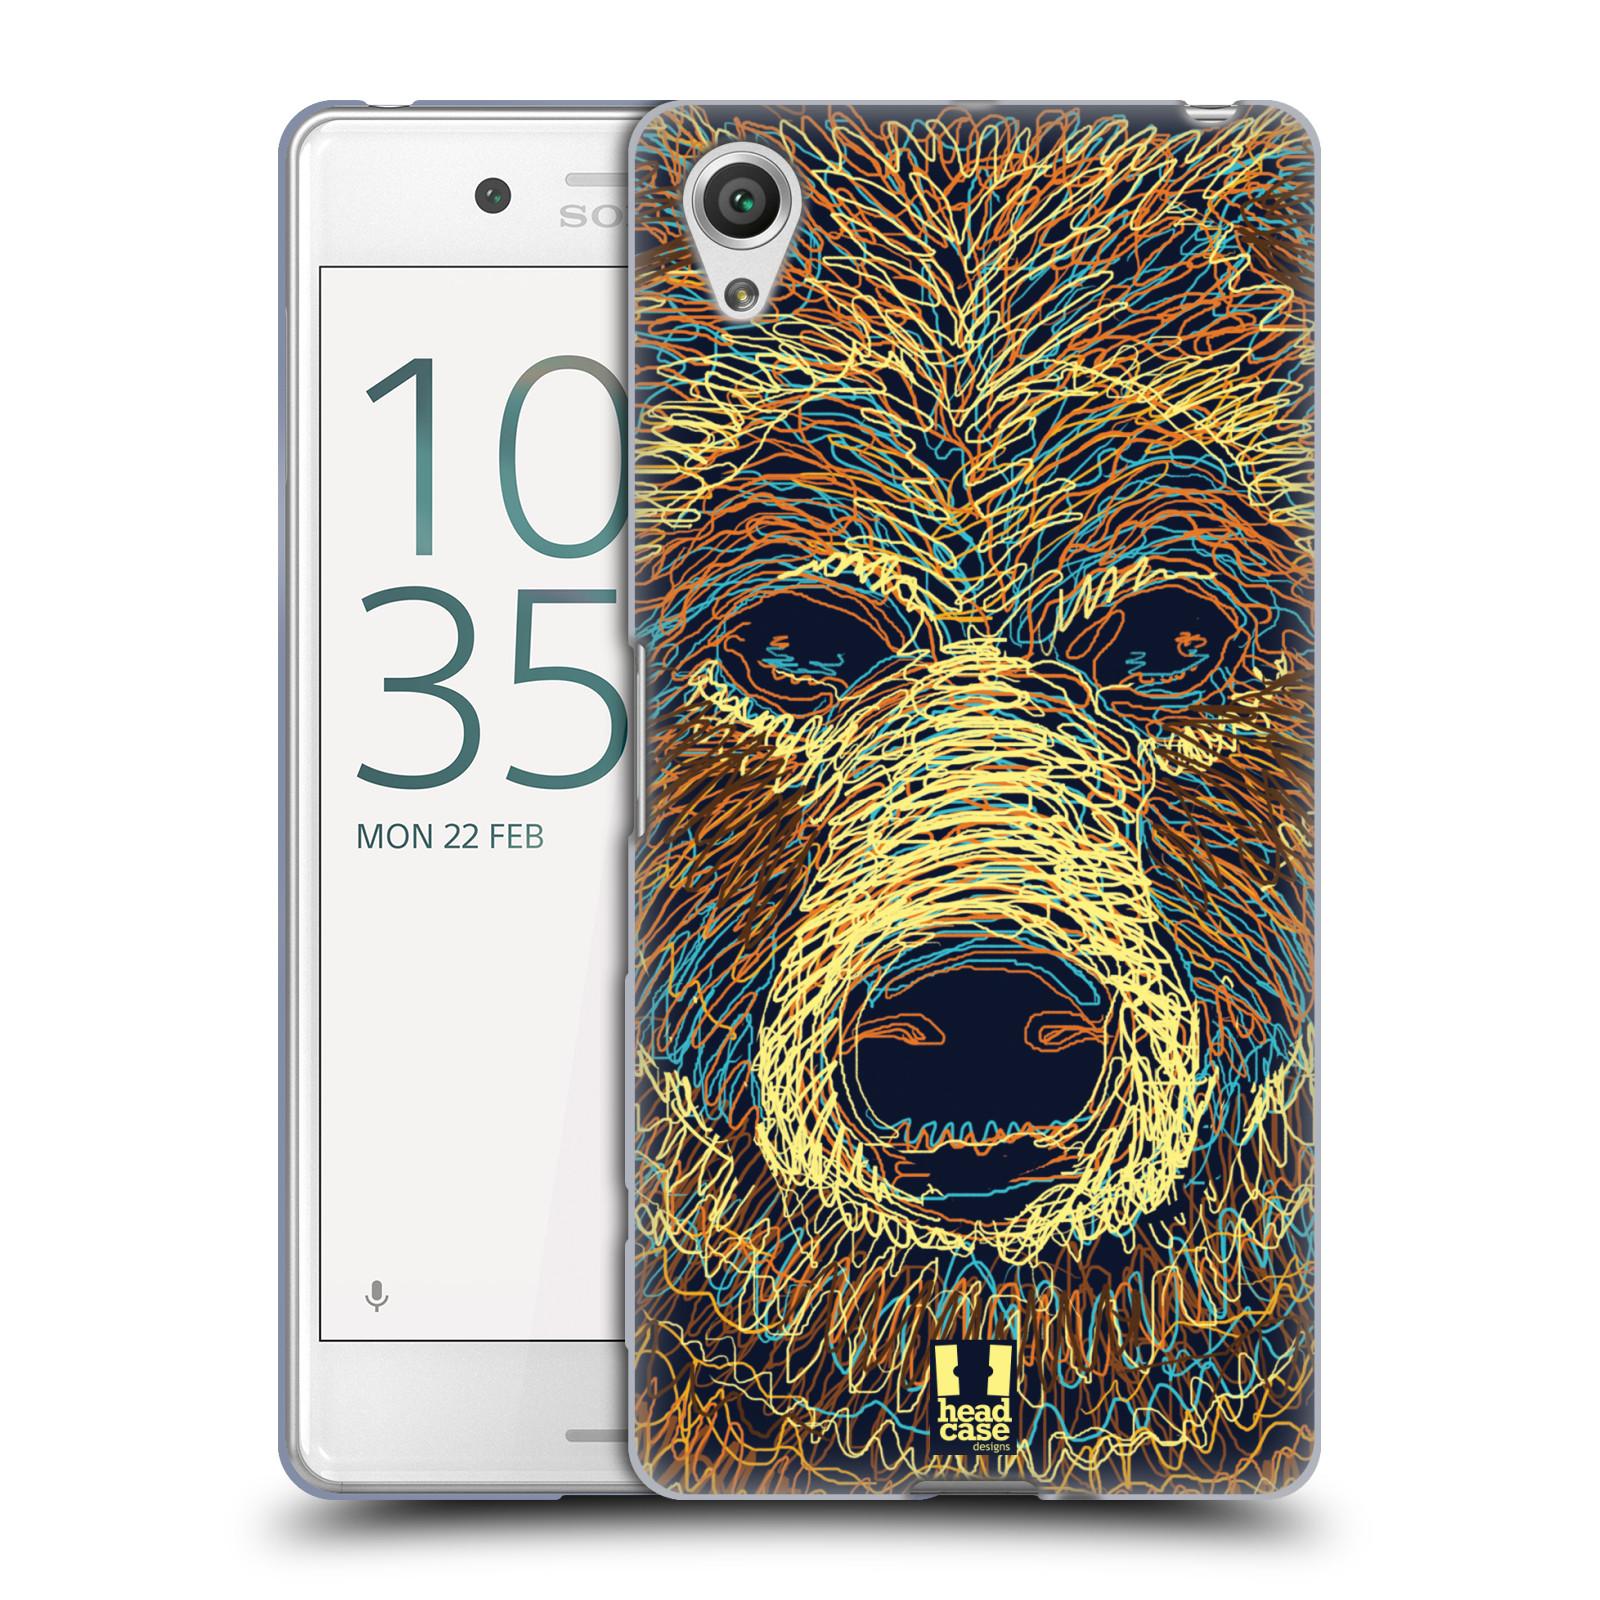 HEAD CASE silikonový obal na mobil Sony Xperia X PERFORMANCE (F8131, F8132) vzor zvíře čmáranice medvěd